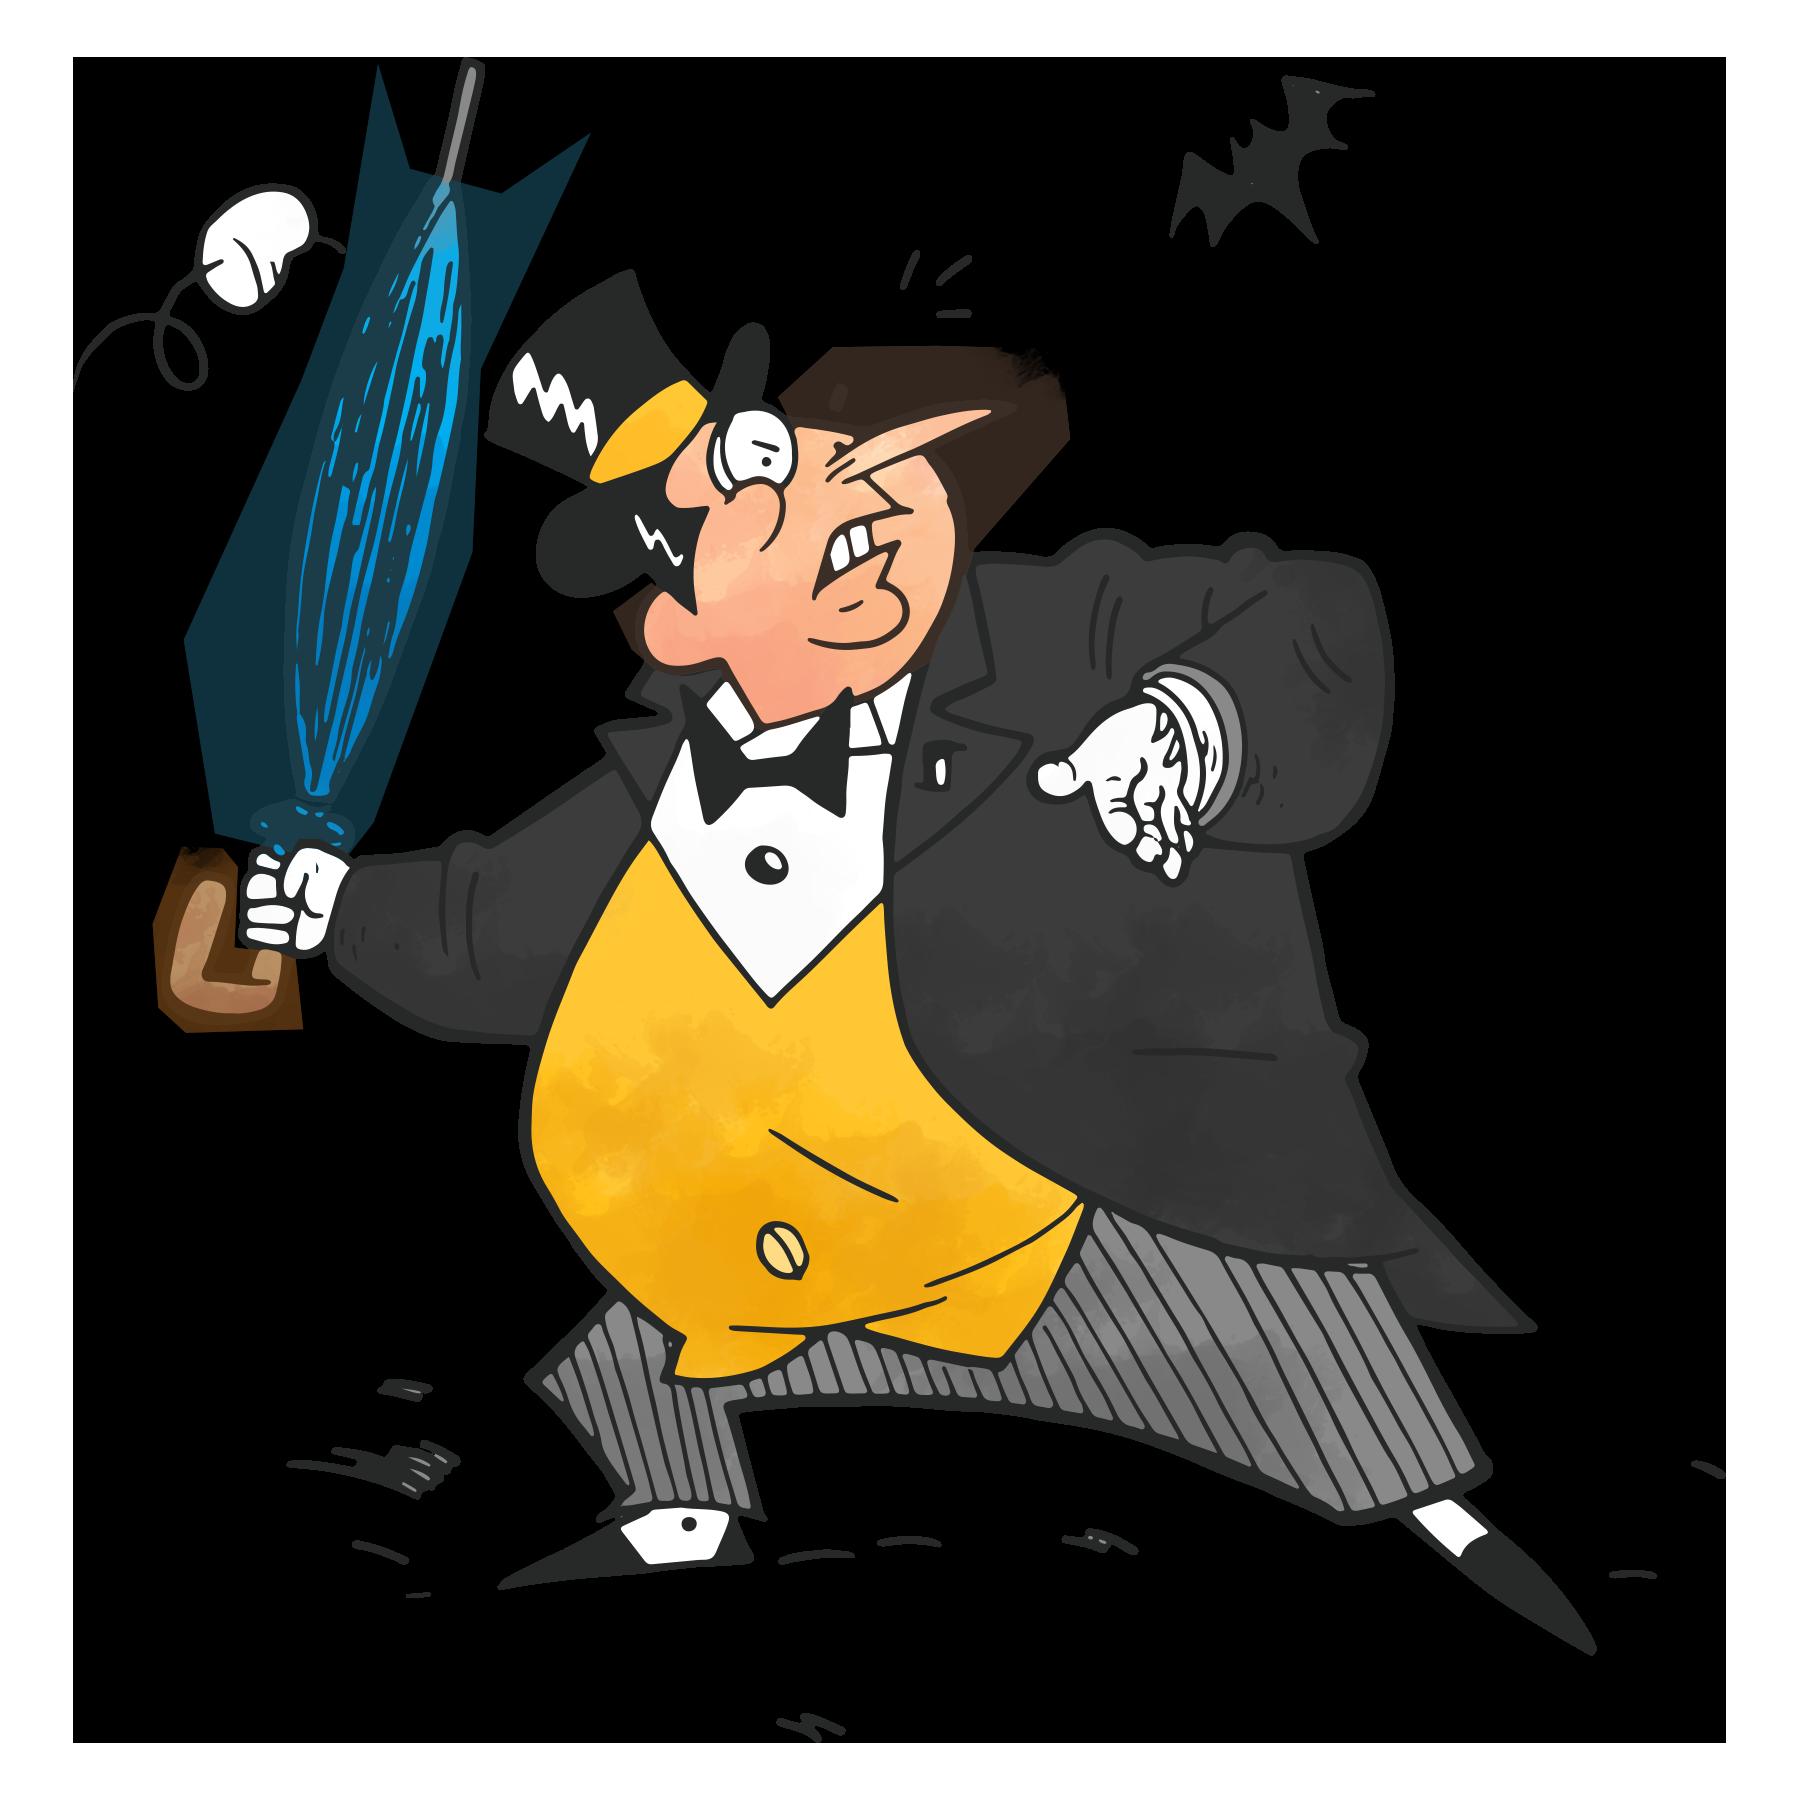 Joker clipart gag gun. The penguin s greatest